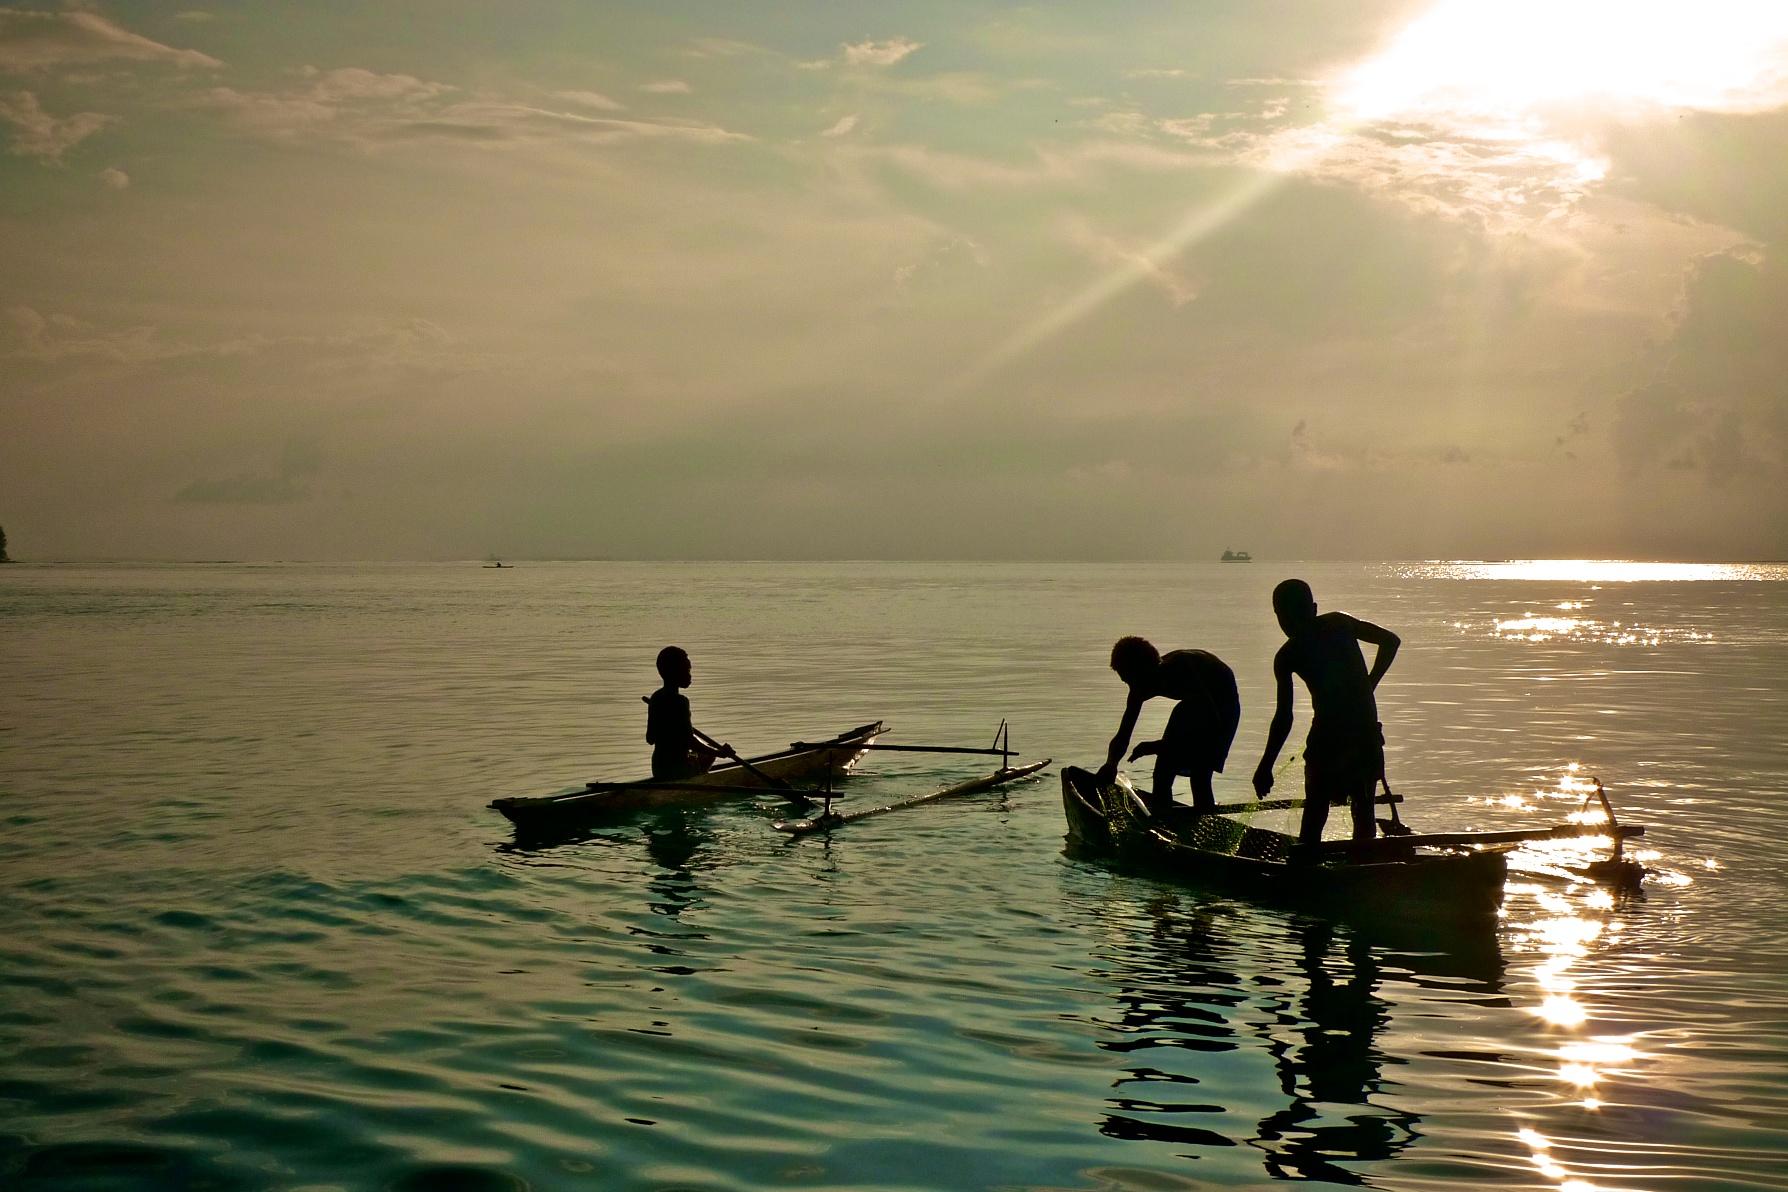 Kids fishing in Kavieng, Niu Irelan, PNG